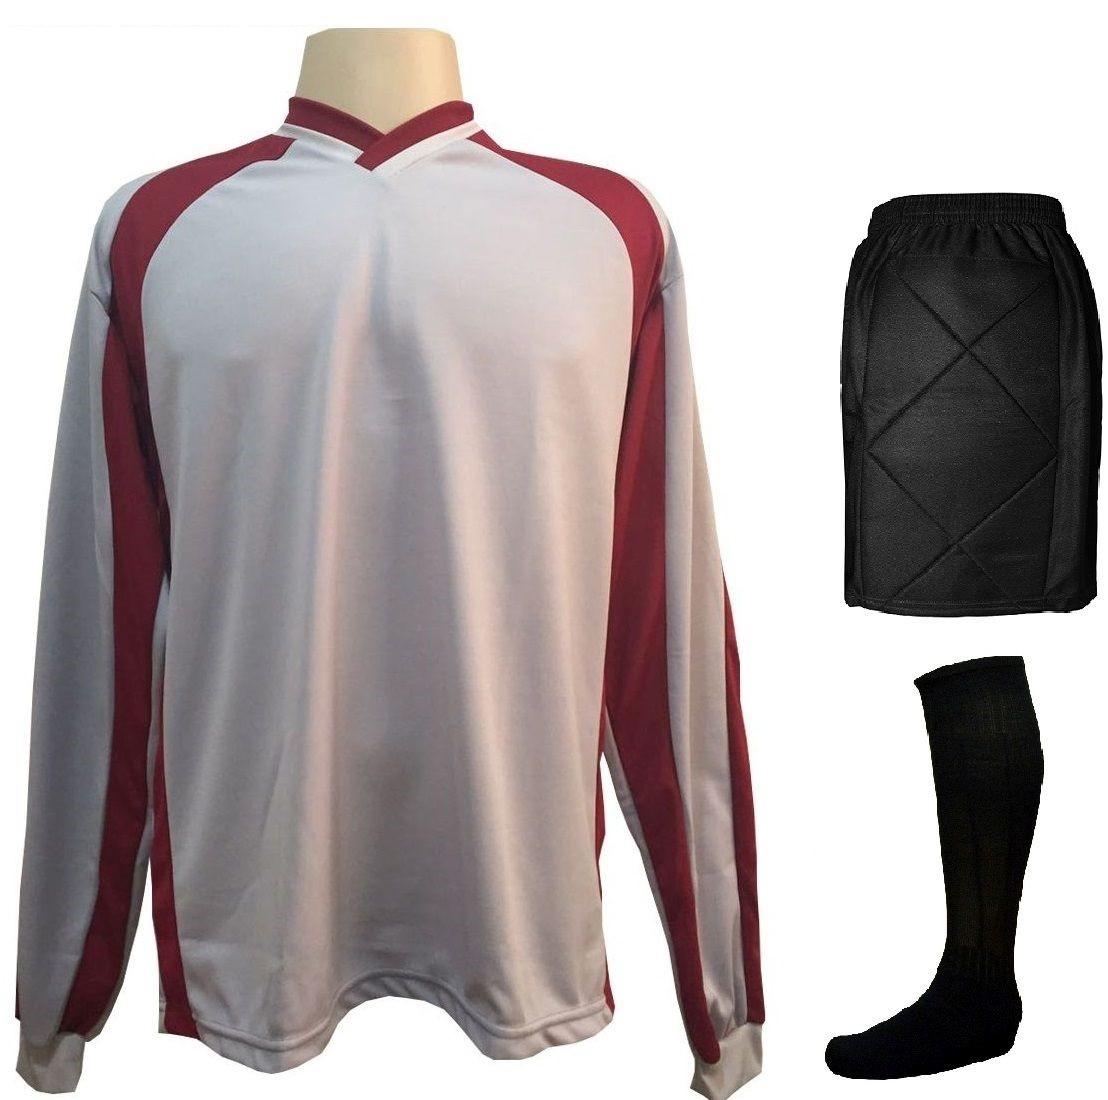 Fardamento Completo modelo City 12+1 (12 Camisas Celeste/Royal + 12 Calções Madrid Royal + 12 Pares de Meiões Royal + 1 Conjunto de Goleiro) + Brindes